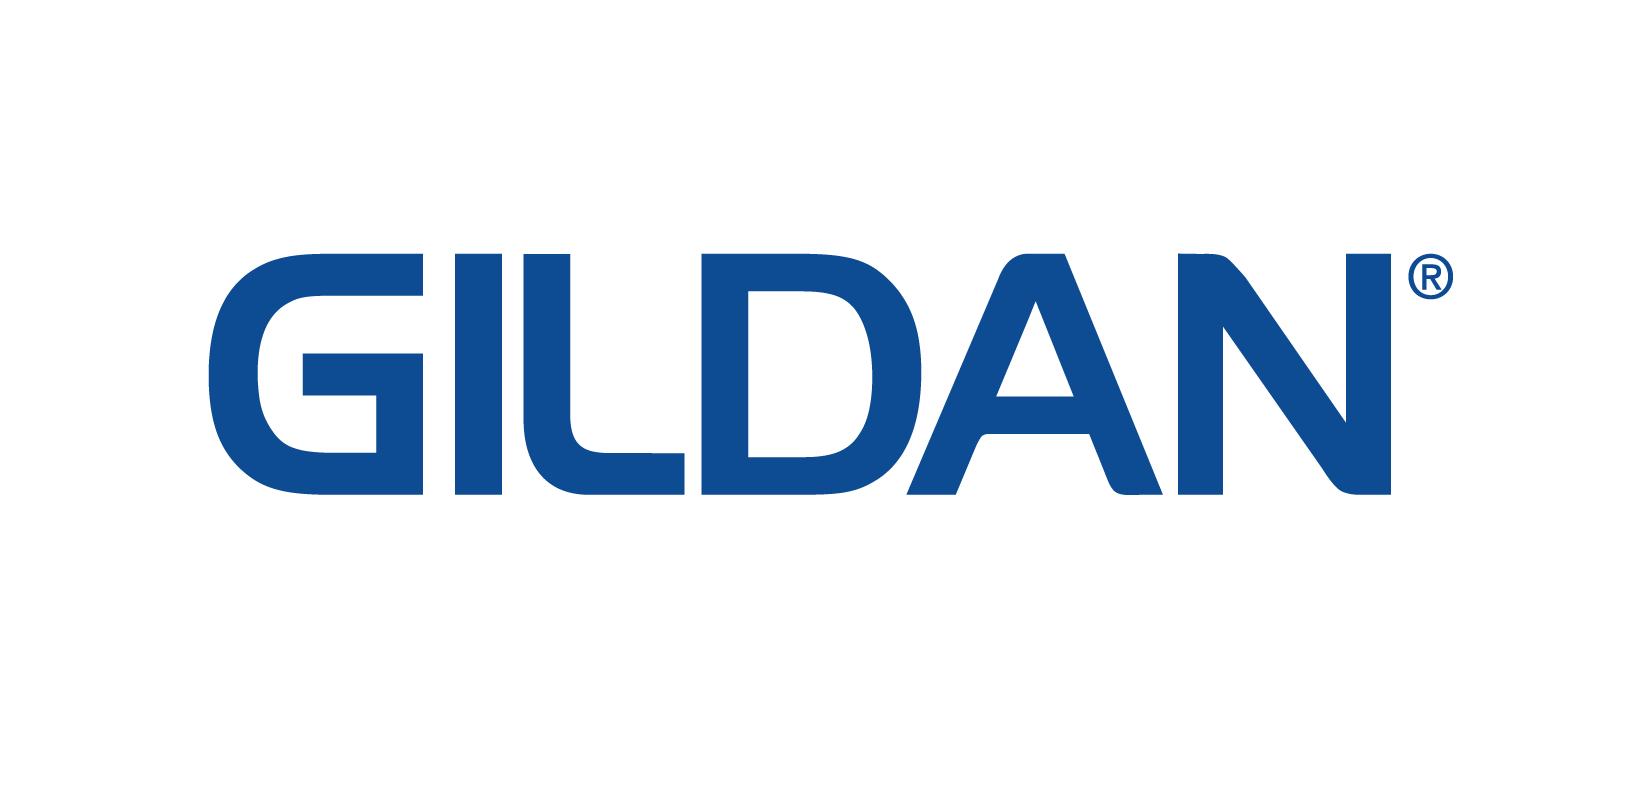 Gildan marca de roupa importada dos EUA